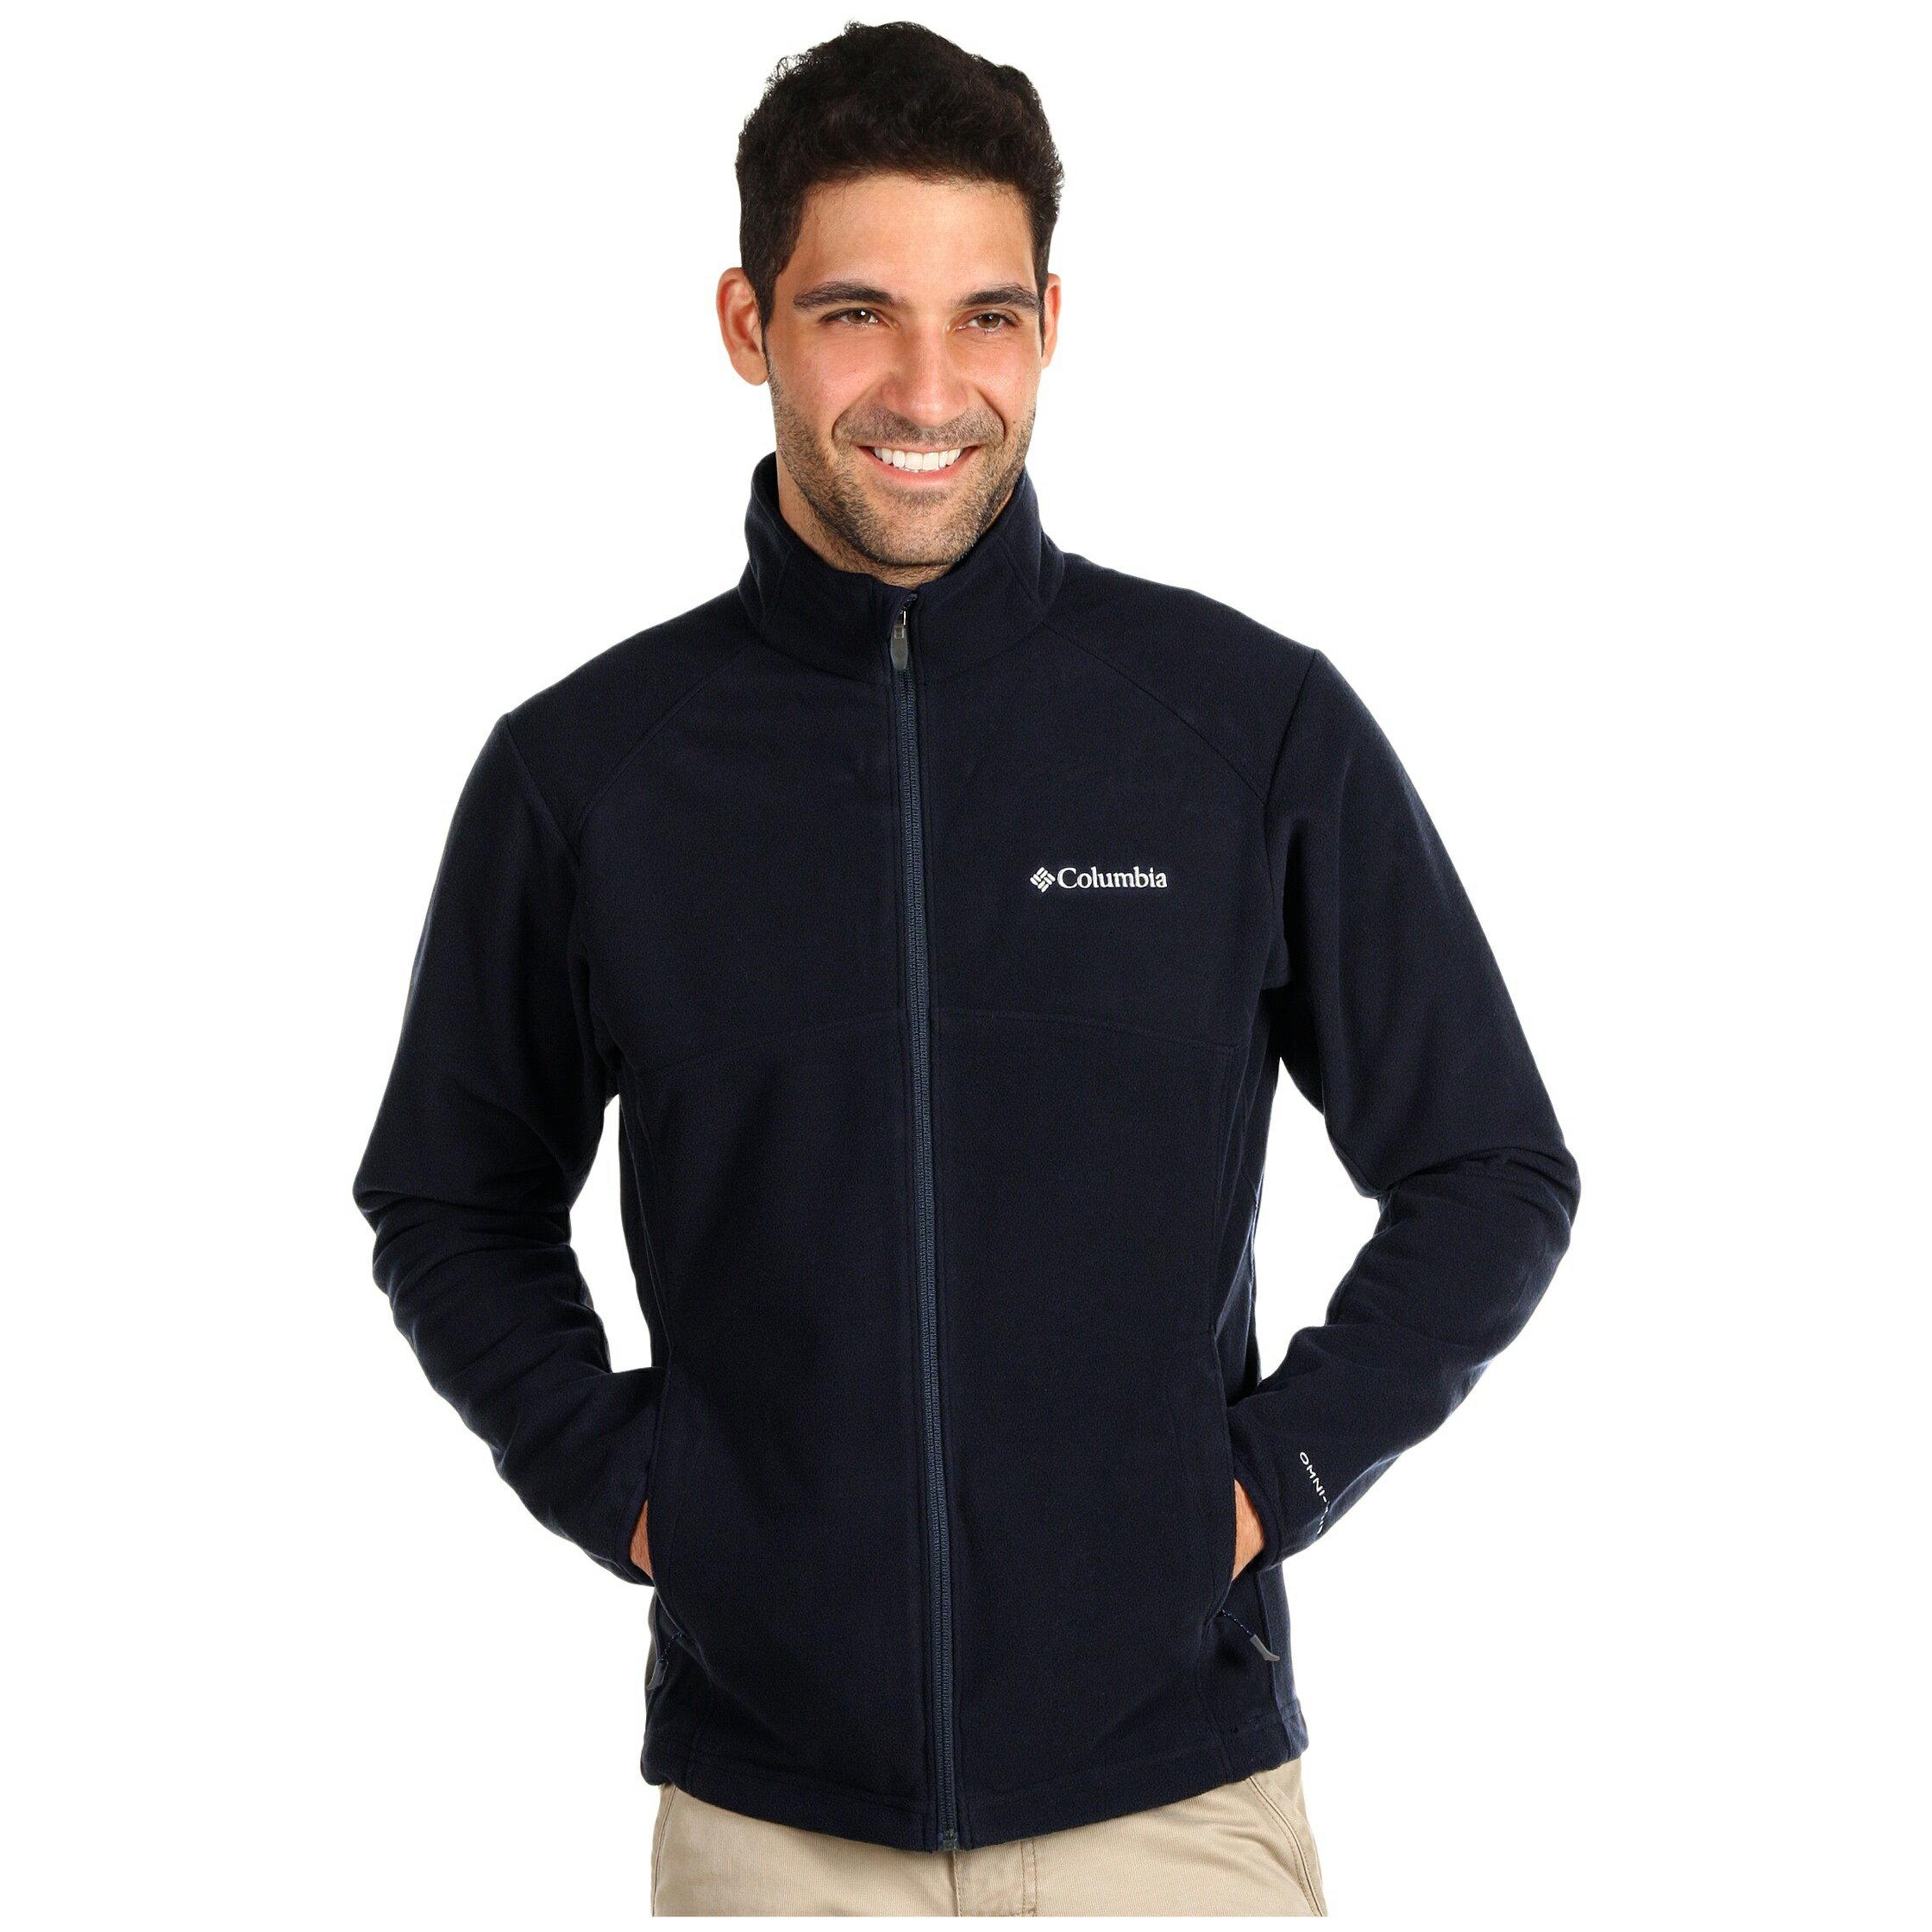 美國百分百【全新真品】Columbia 外套 夾克 哥倫比亞 深藍 軟殼 刷毛 防潑水 防風 保暖 透氣 M號 E407